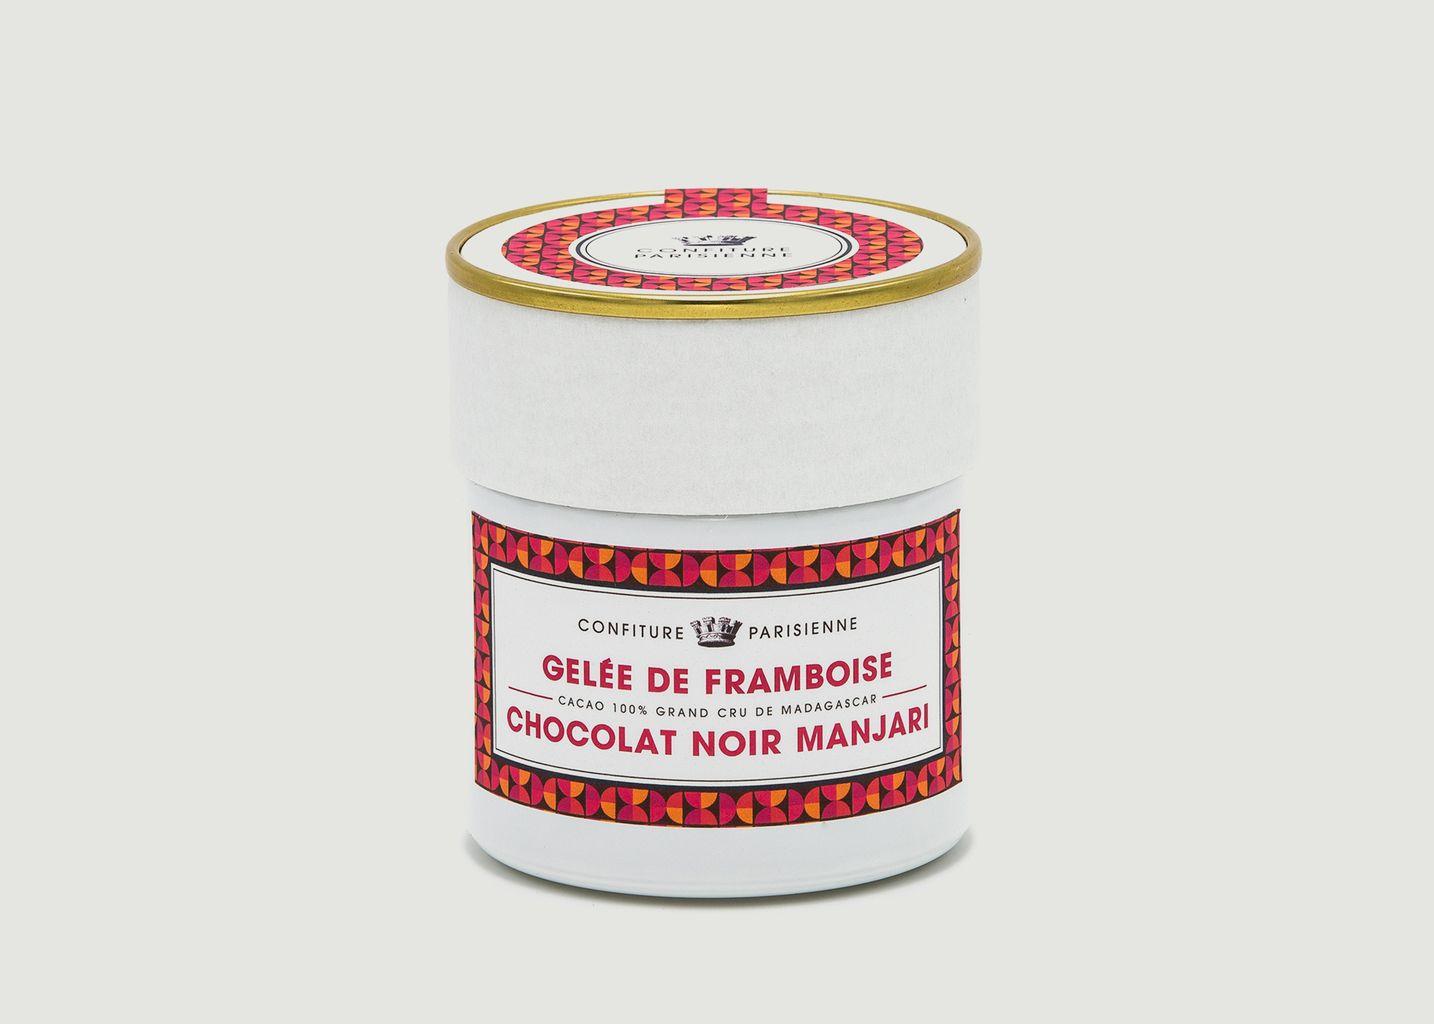 Gelée De Framboise Et Chocolat Noir Manjari  - Confiture Parisienne